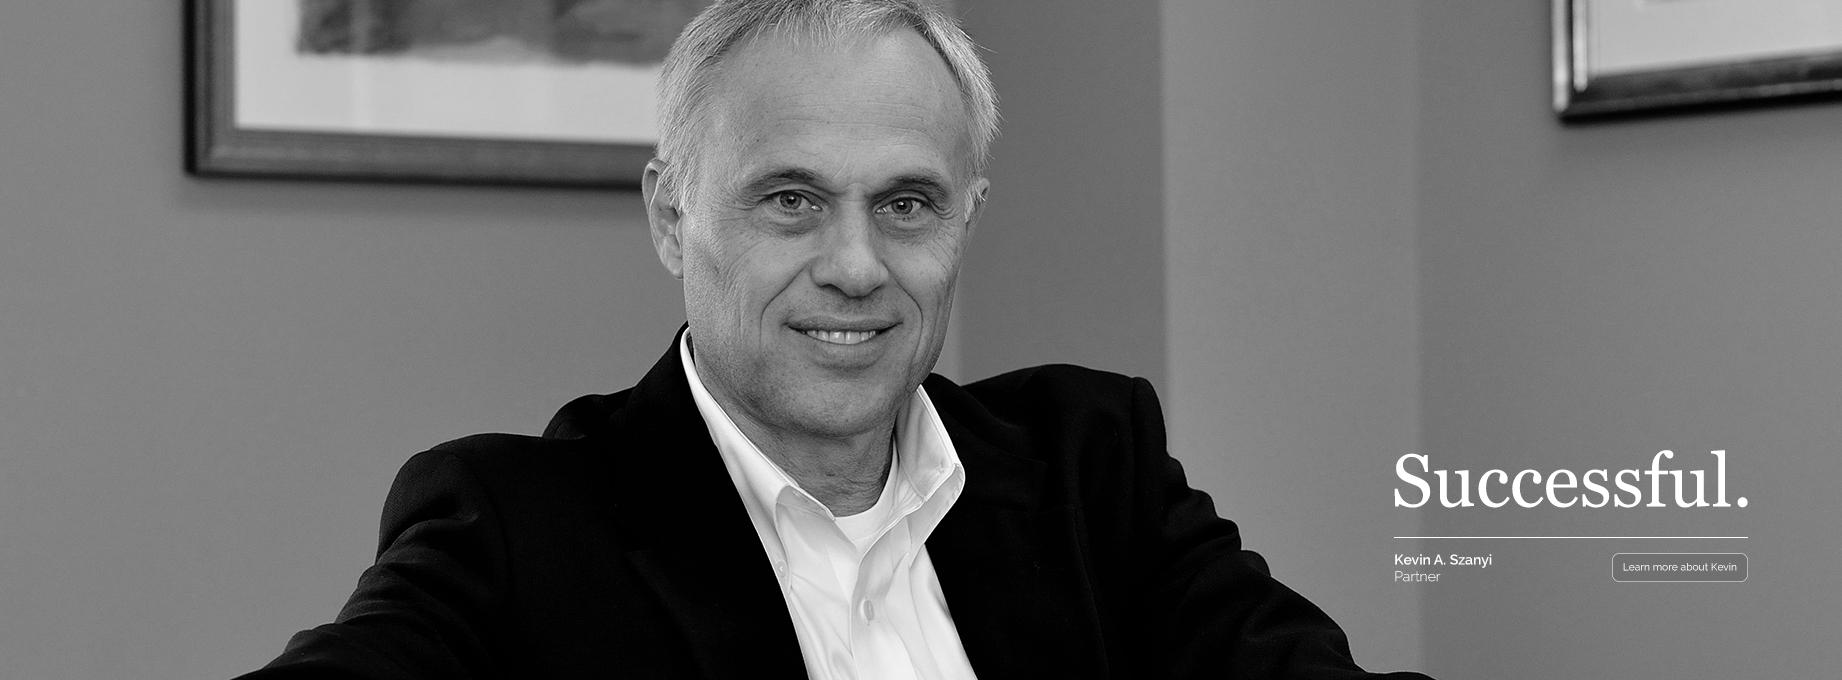 Kevin Szanyi